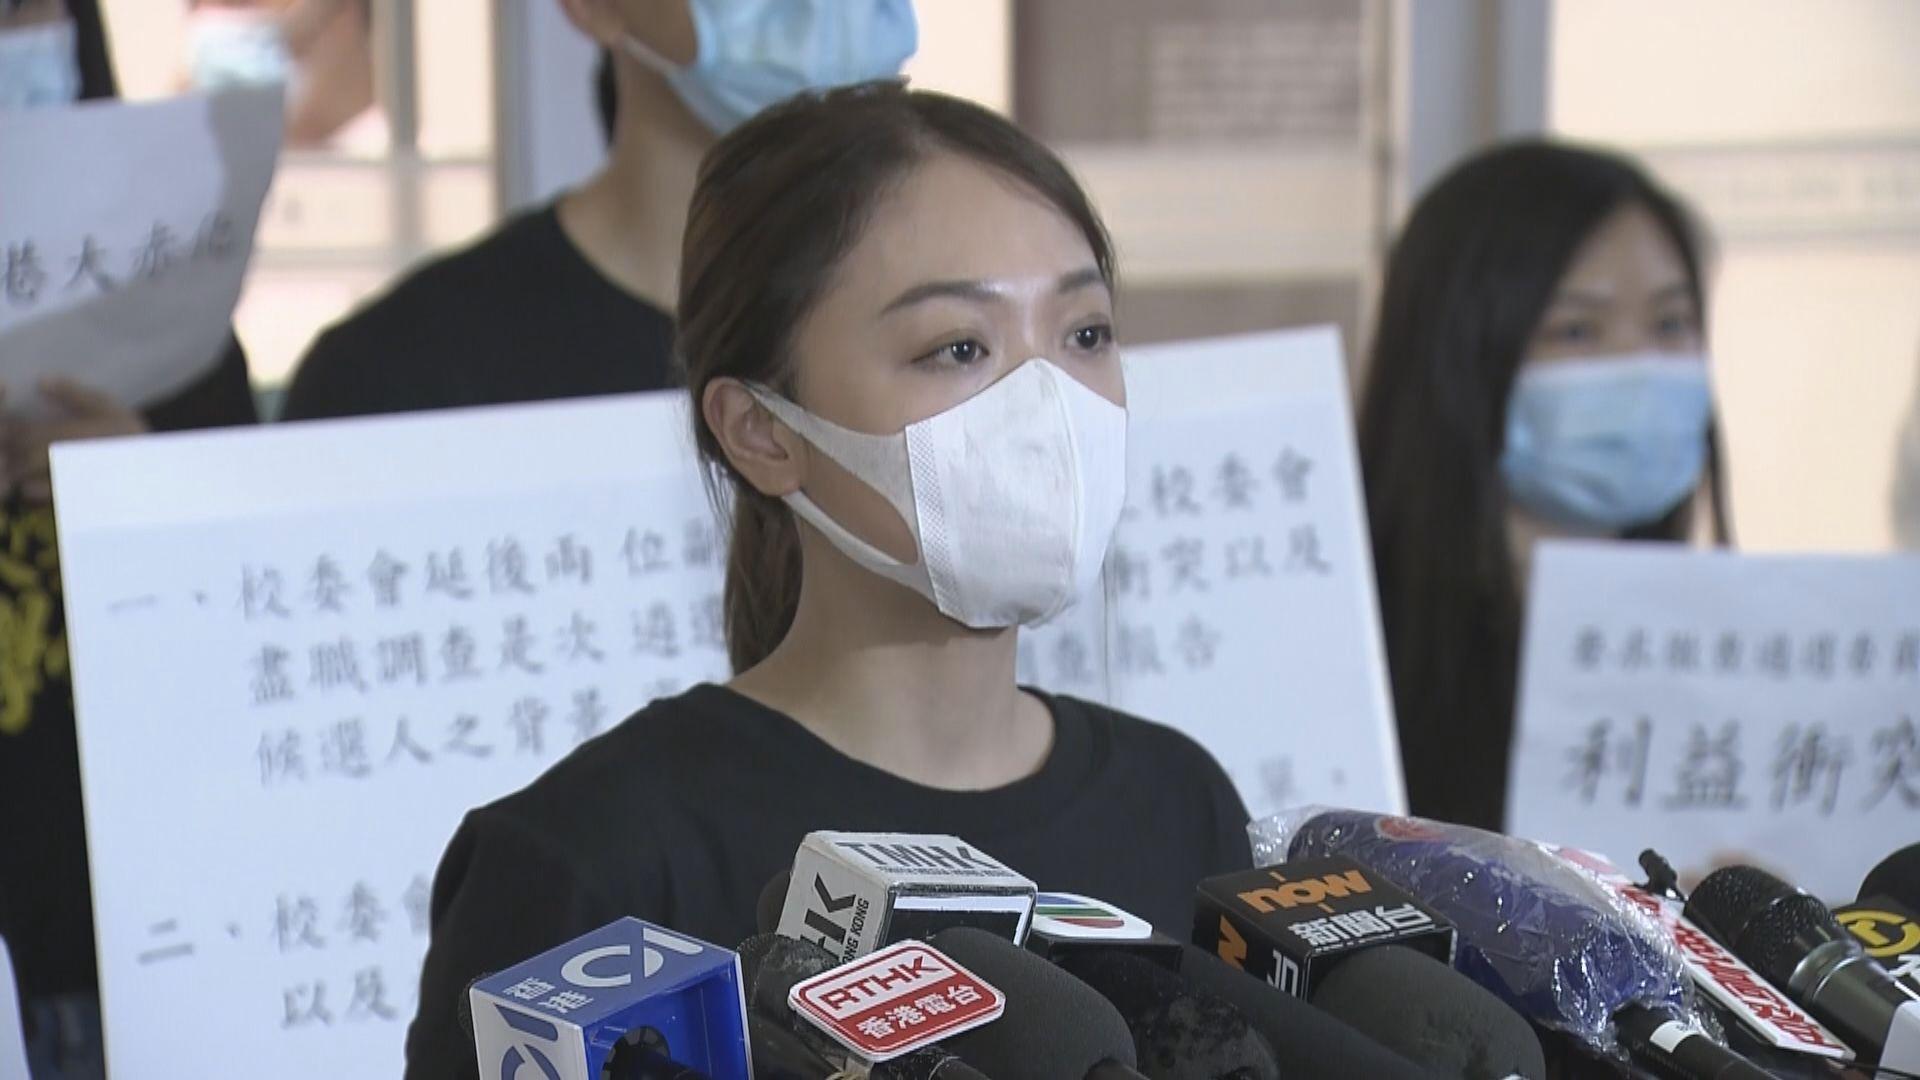 港大學生會研究法律行動推翻校委會決定